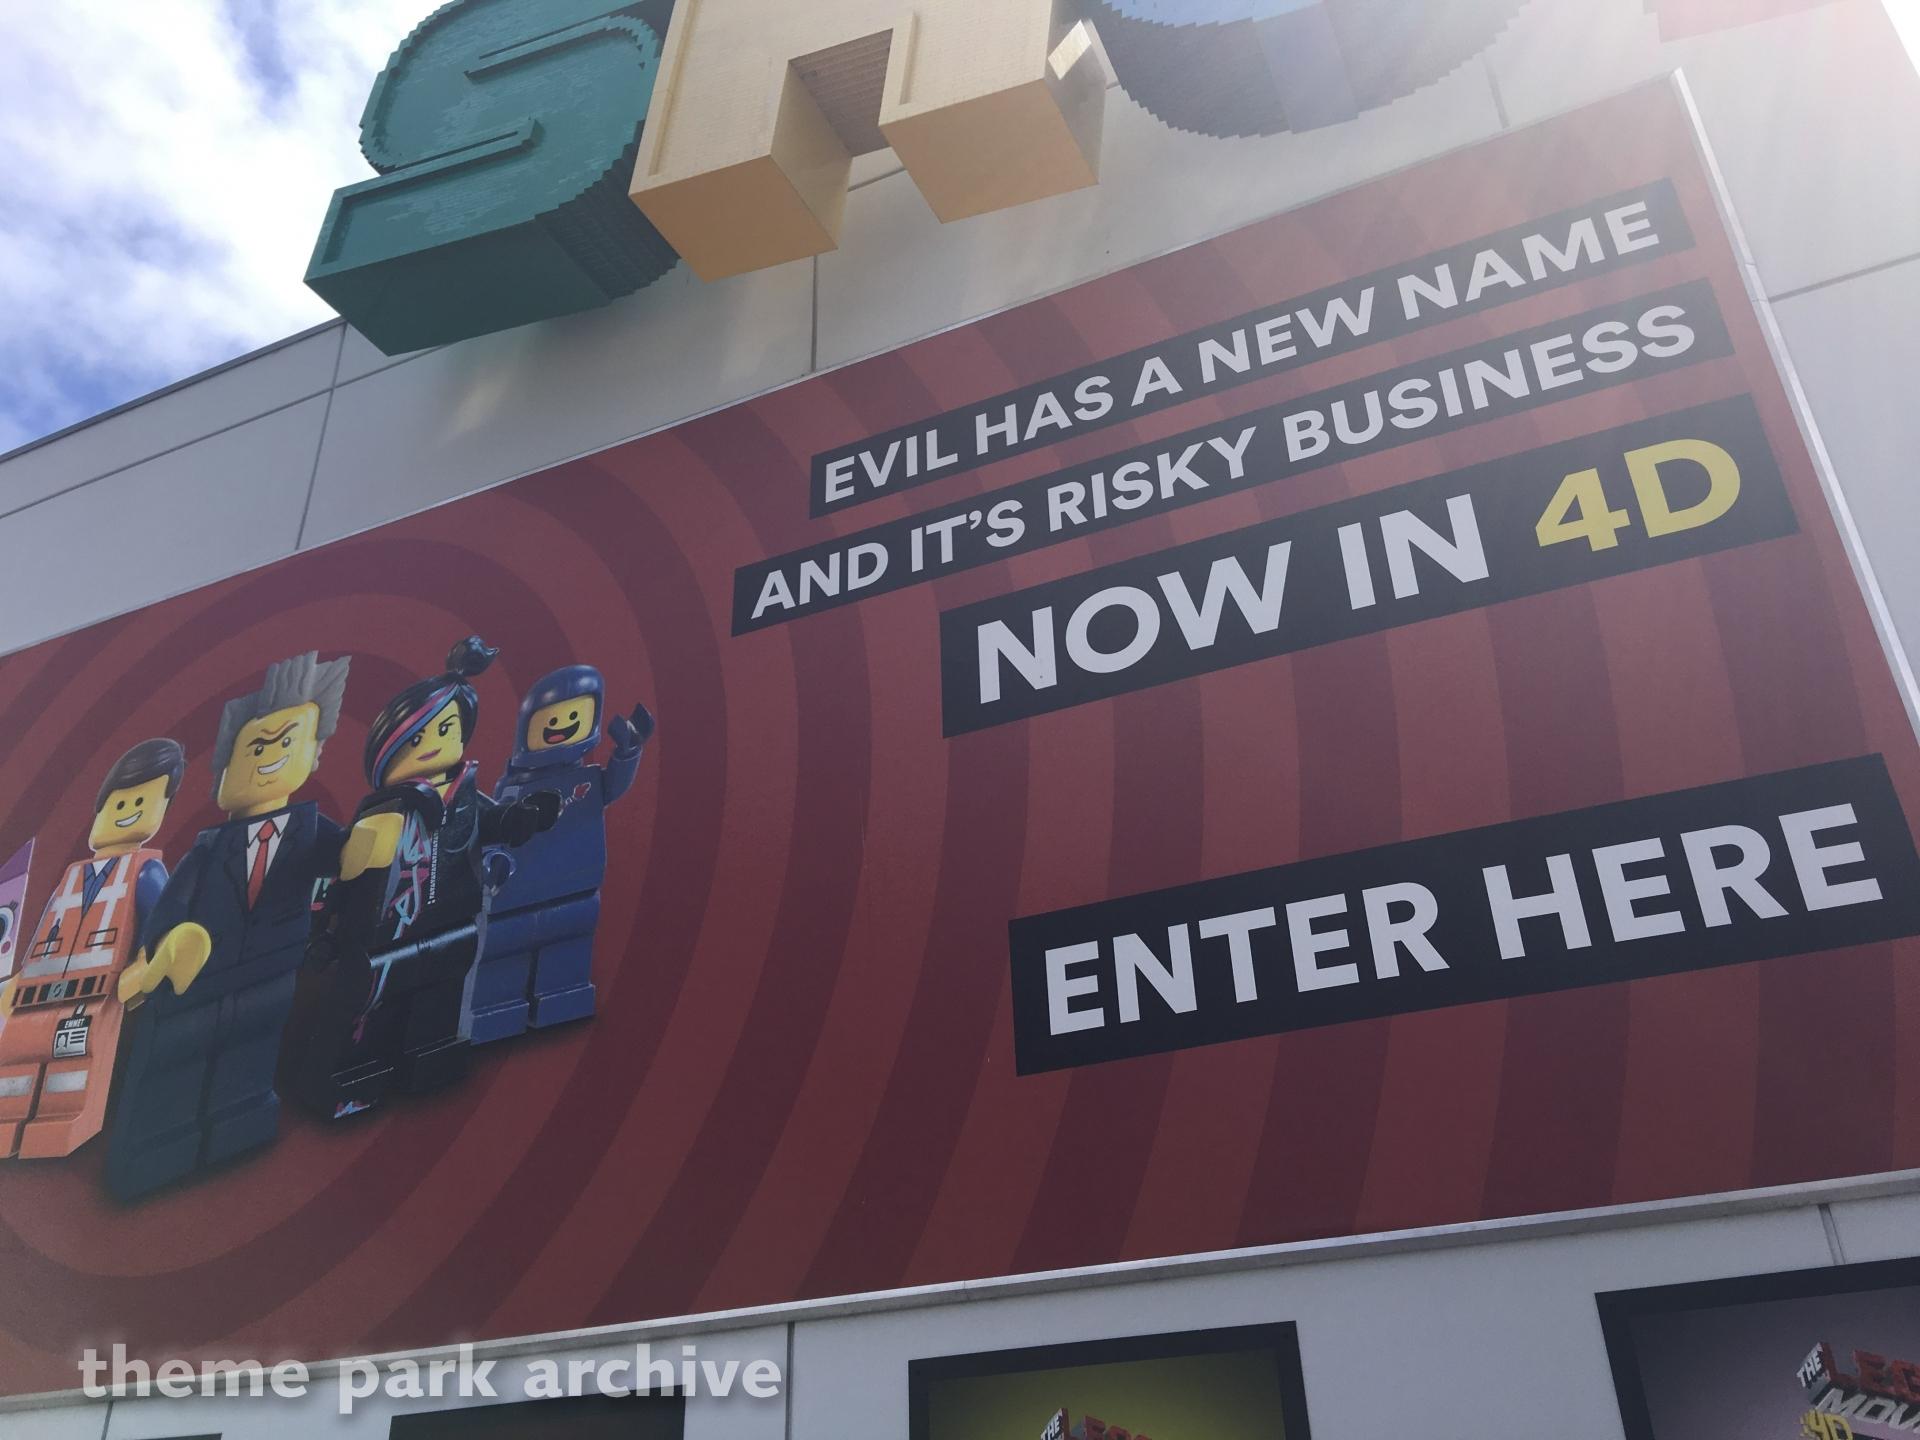 LEGO Show Place at LEGOLAND California